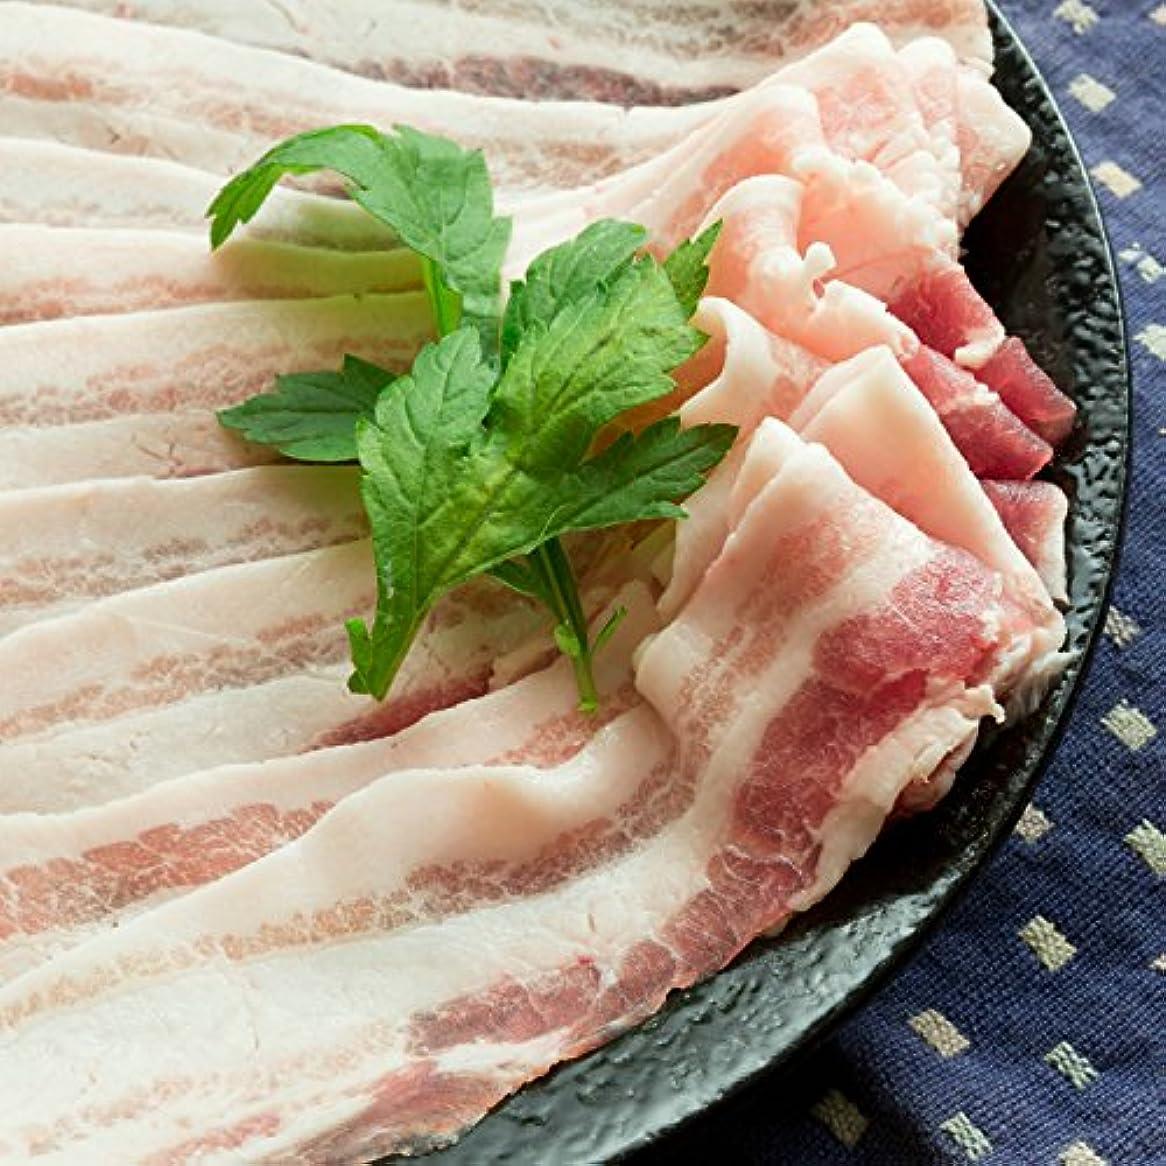 先住民公使館グラフしゃぶしゃぶ用あぐー豚 バラ肉600g 旨味が凝縮された贅沢な味をお楽しみください|精肉|